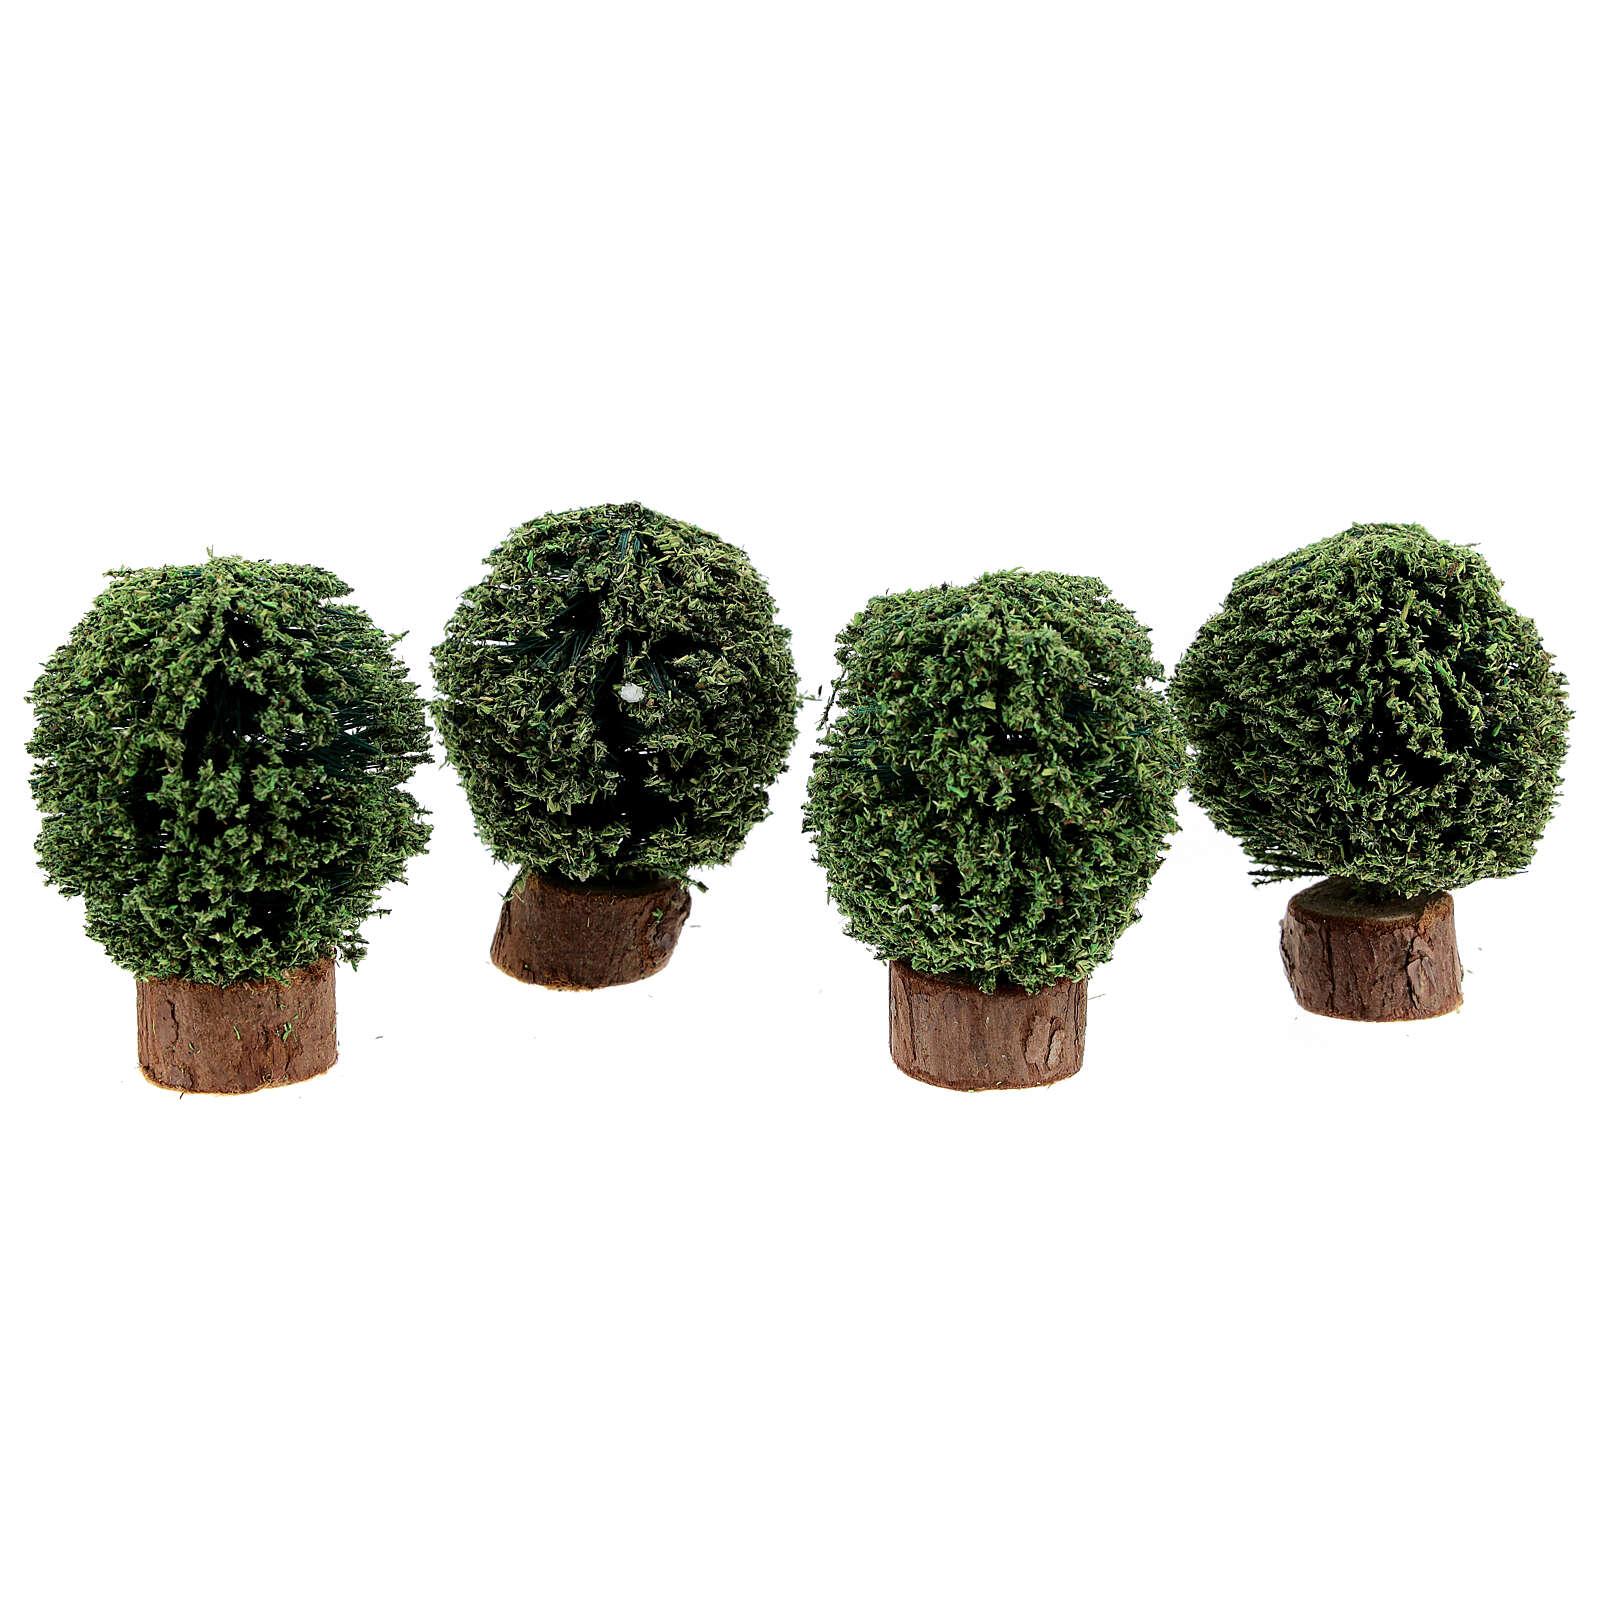 Cespugli vaso in legno 4 pz h reale 5 cm presepe 8 cm 4